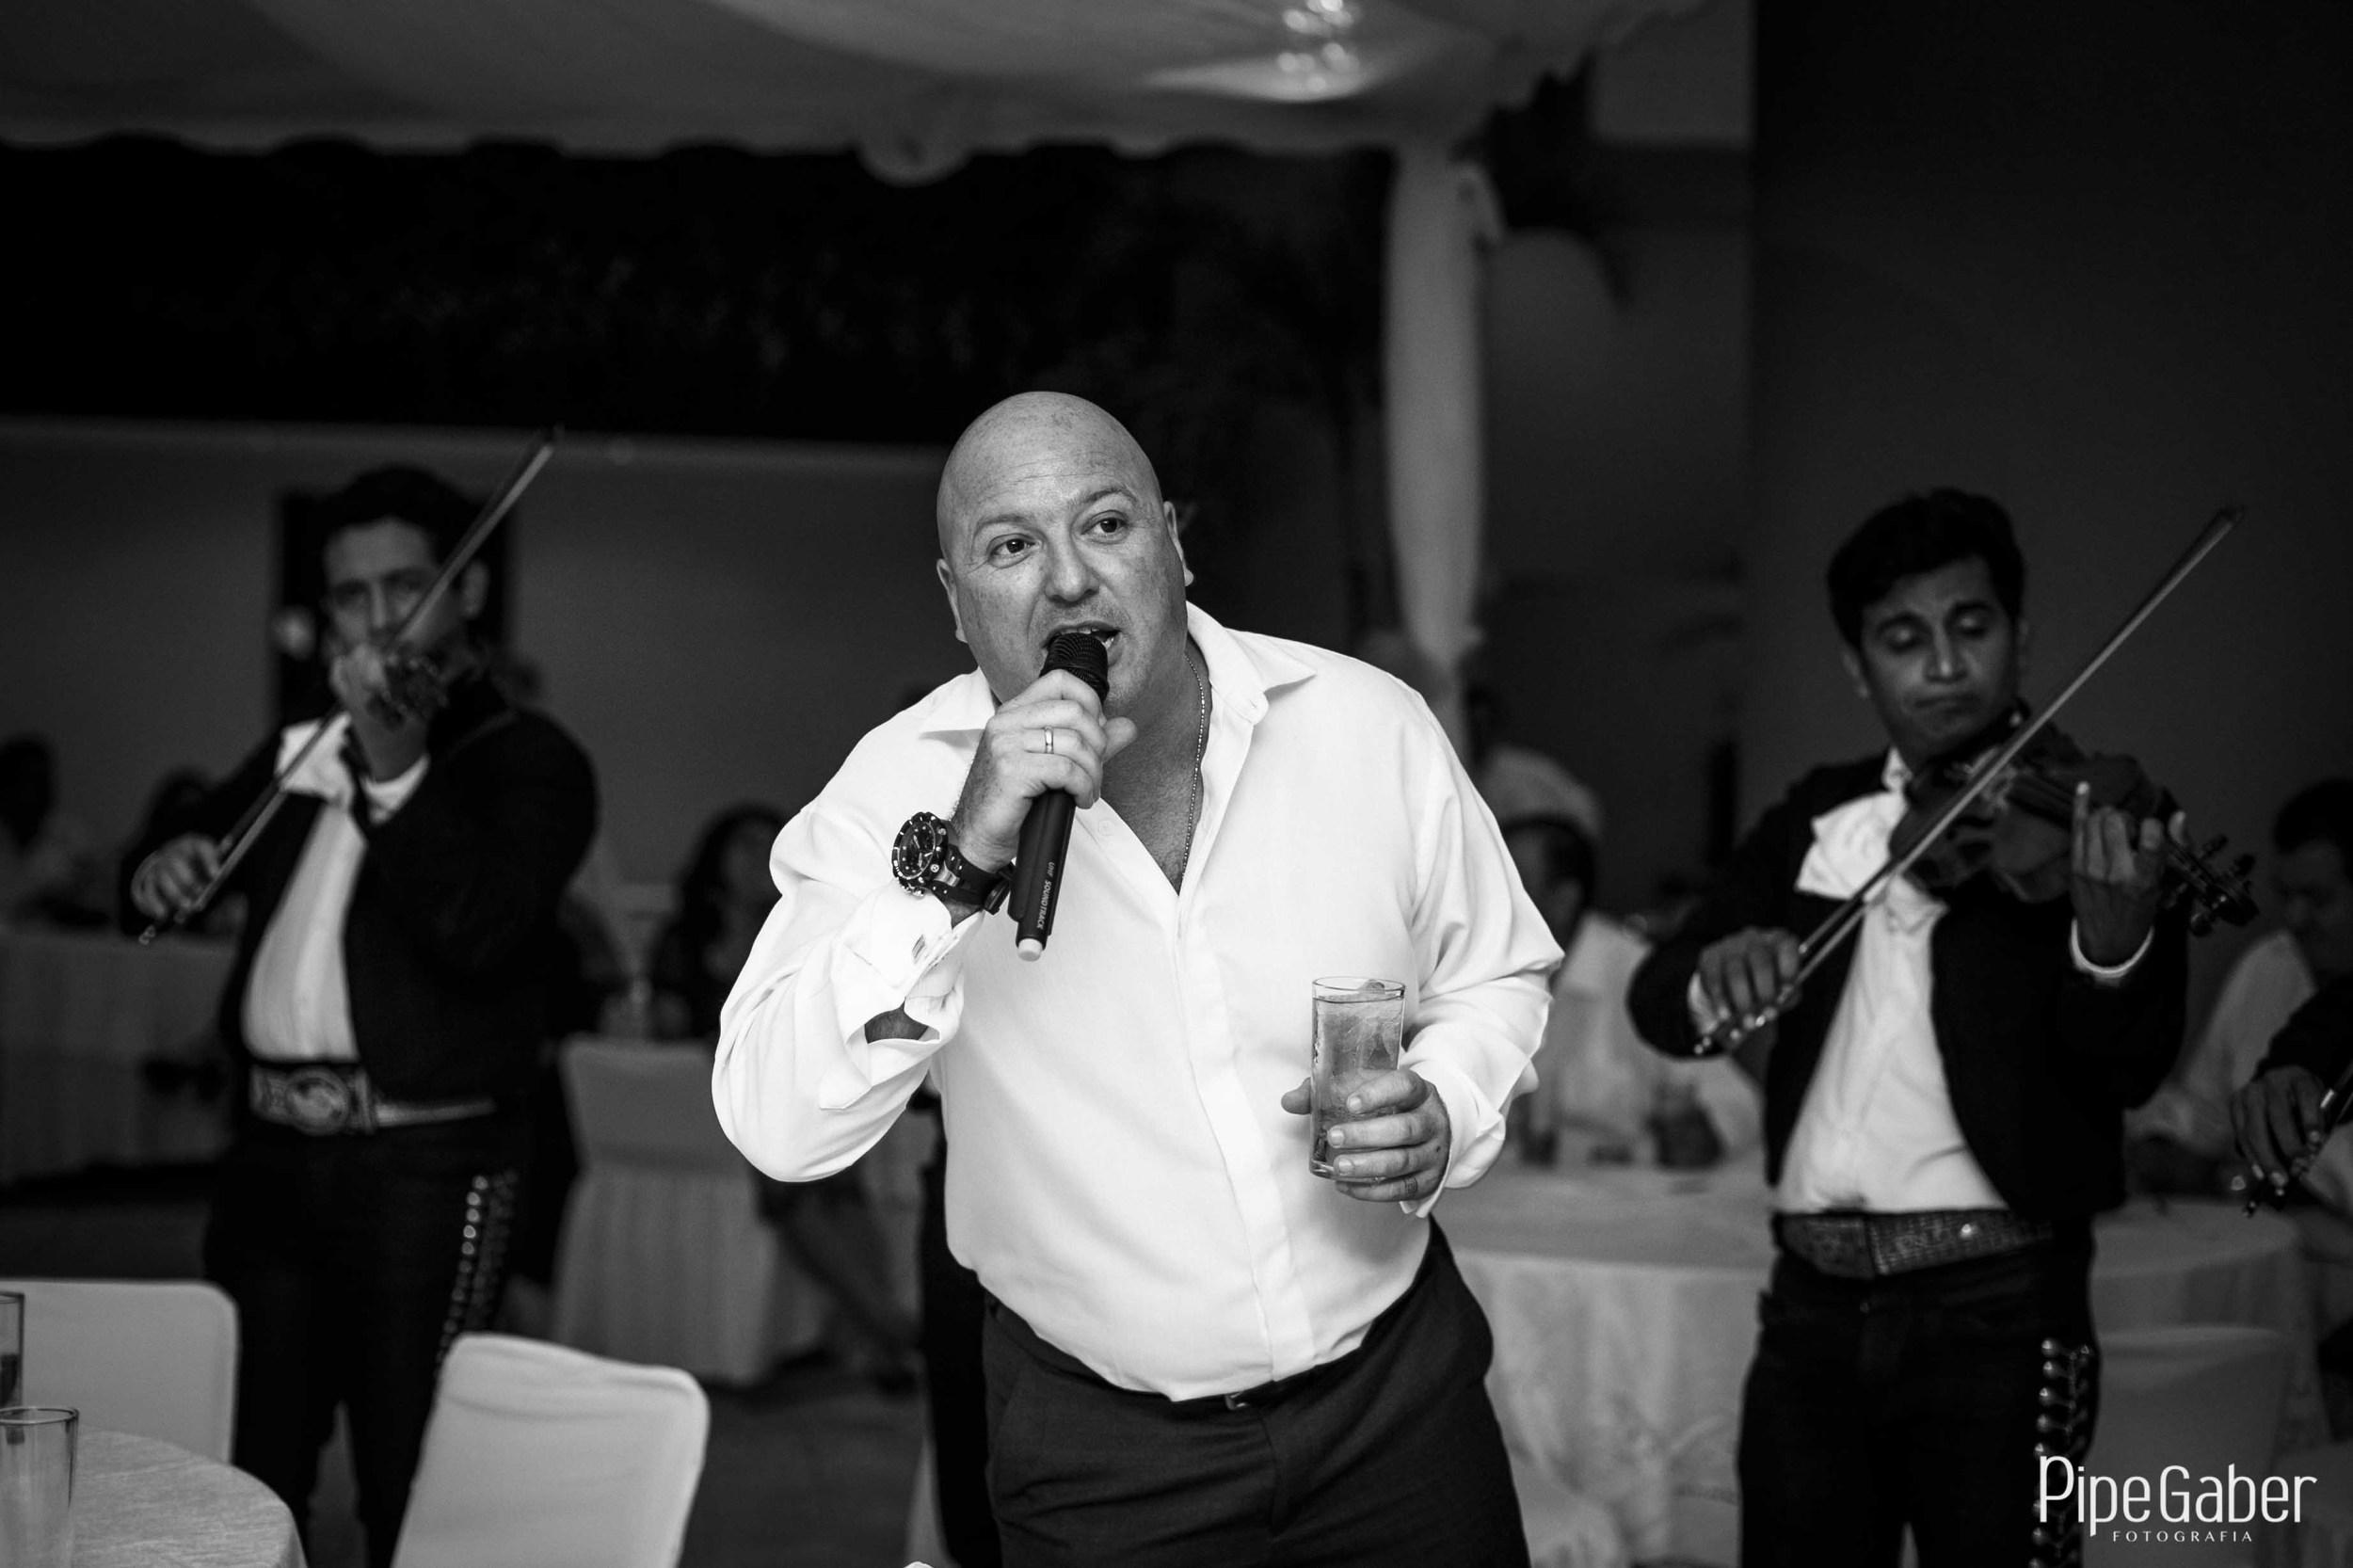 pipe_fotografo_yucatan_merida_boda_wedding_los_aluxes_hotel_photography_15.jpg